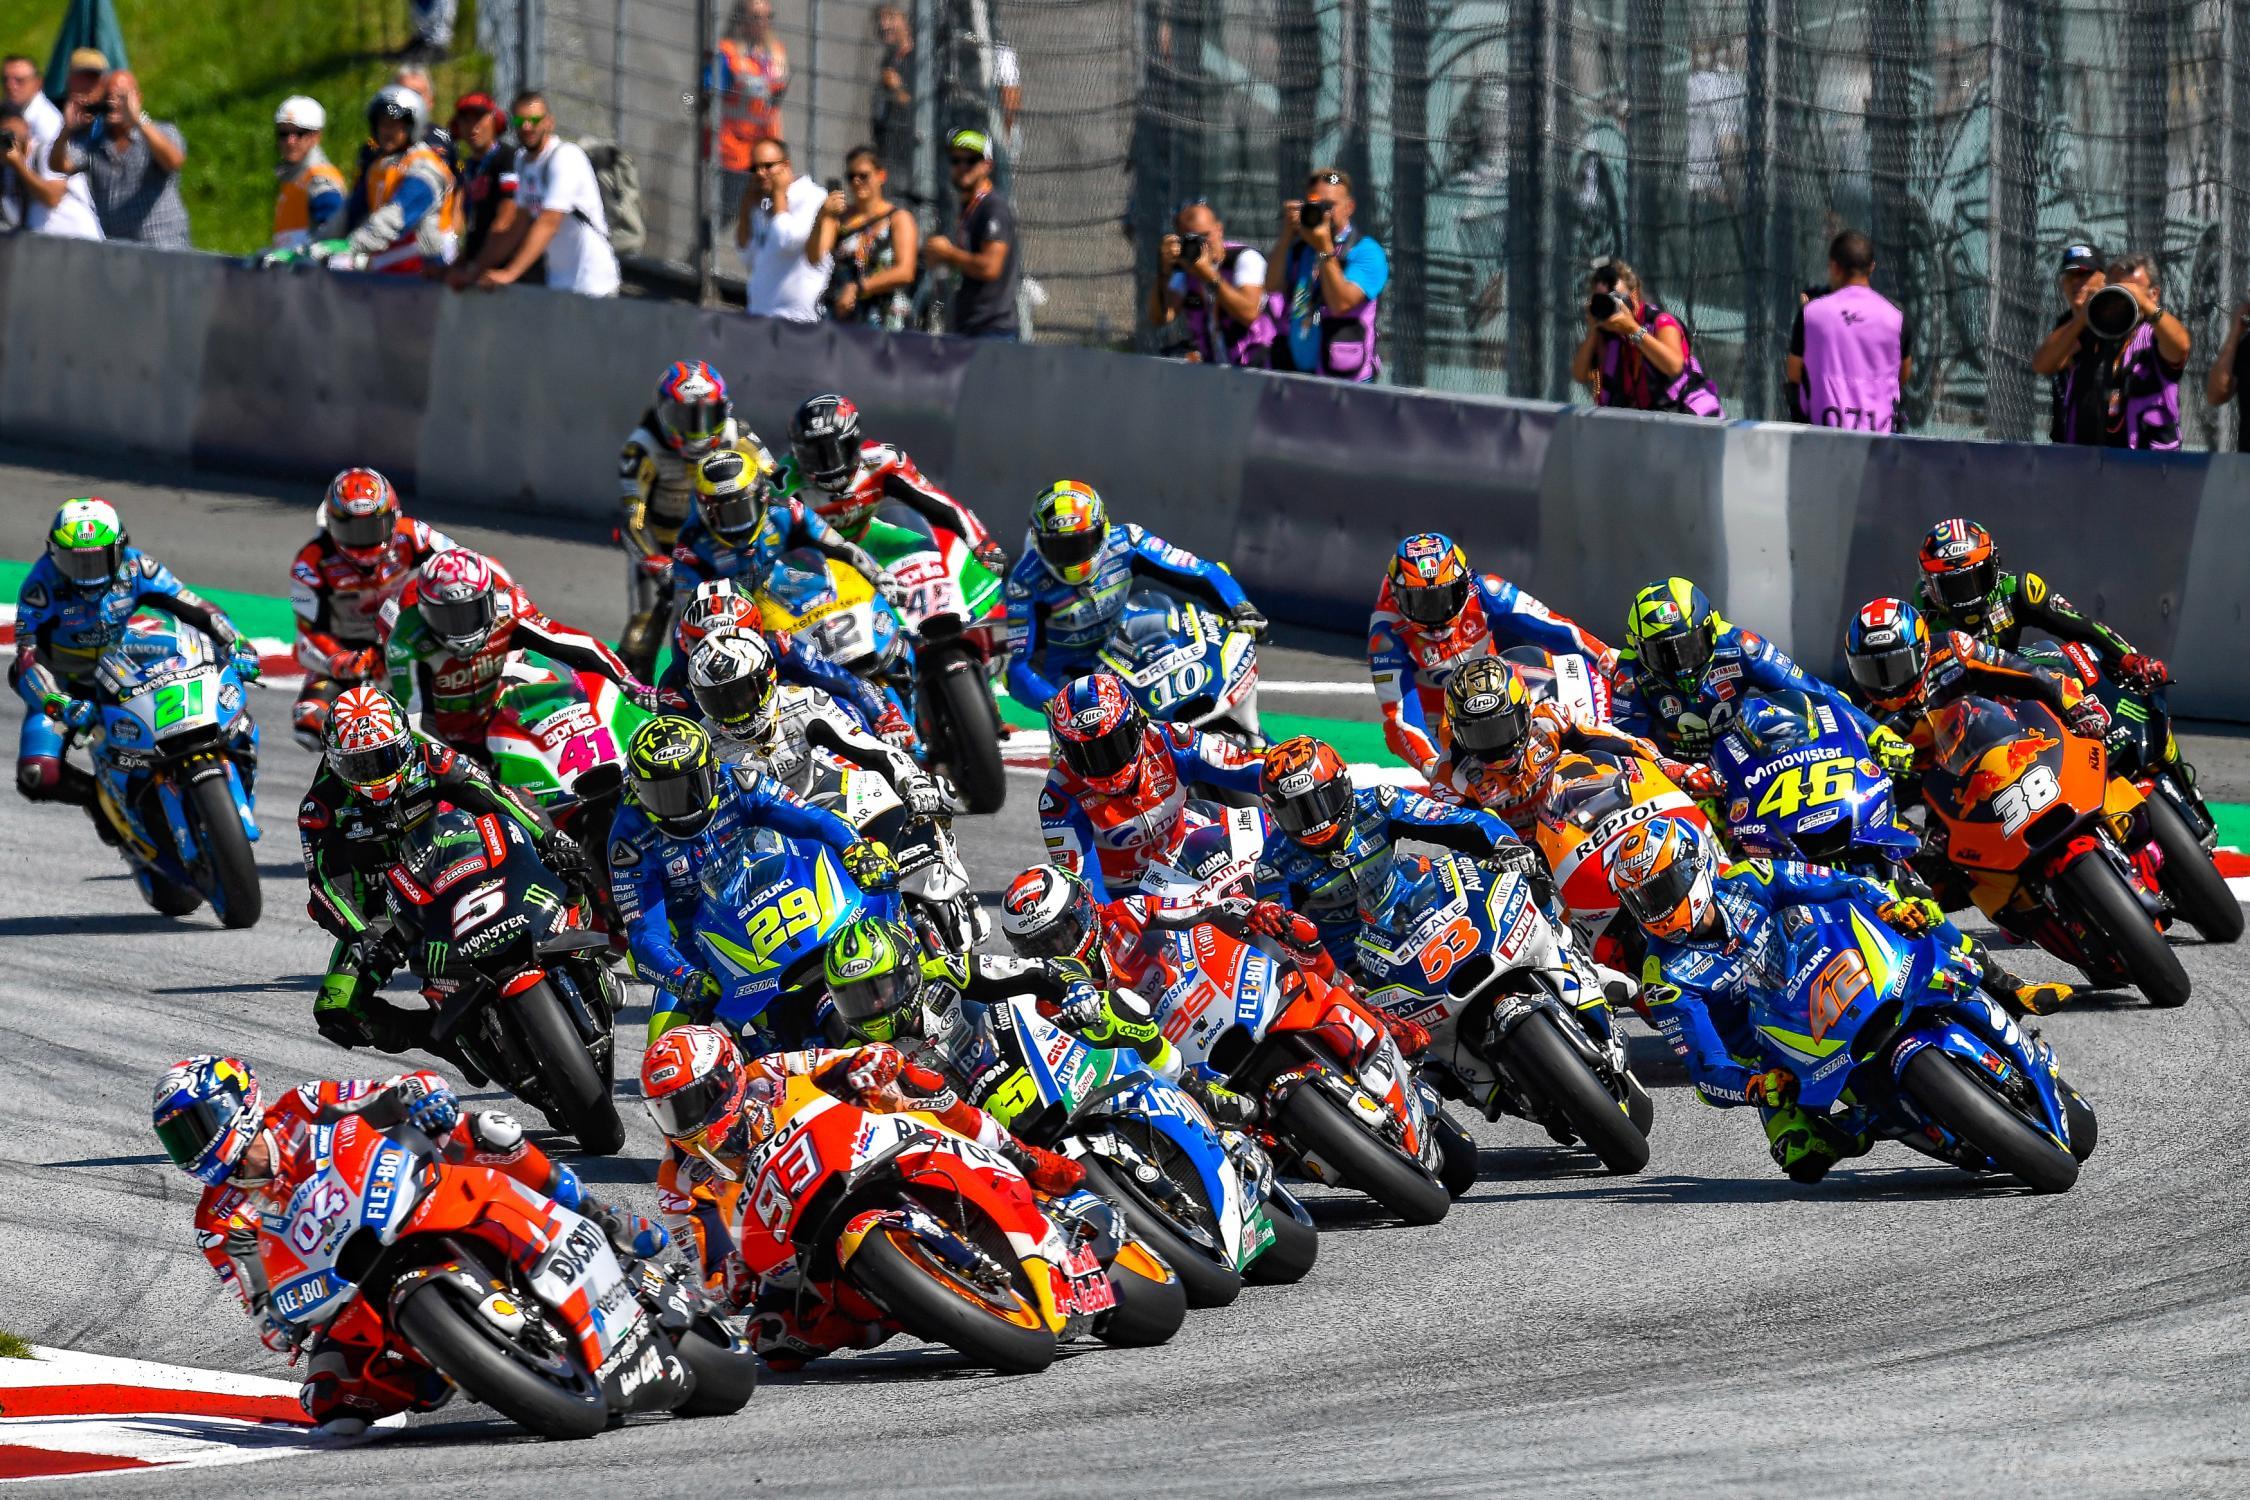 2018 MotoGP Austria – A Spielberg Spectacle in Austria